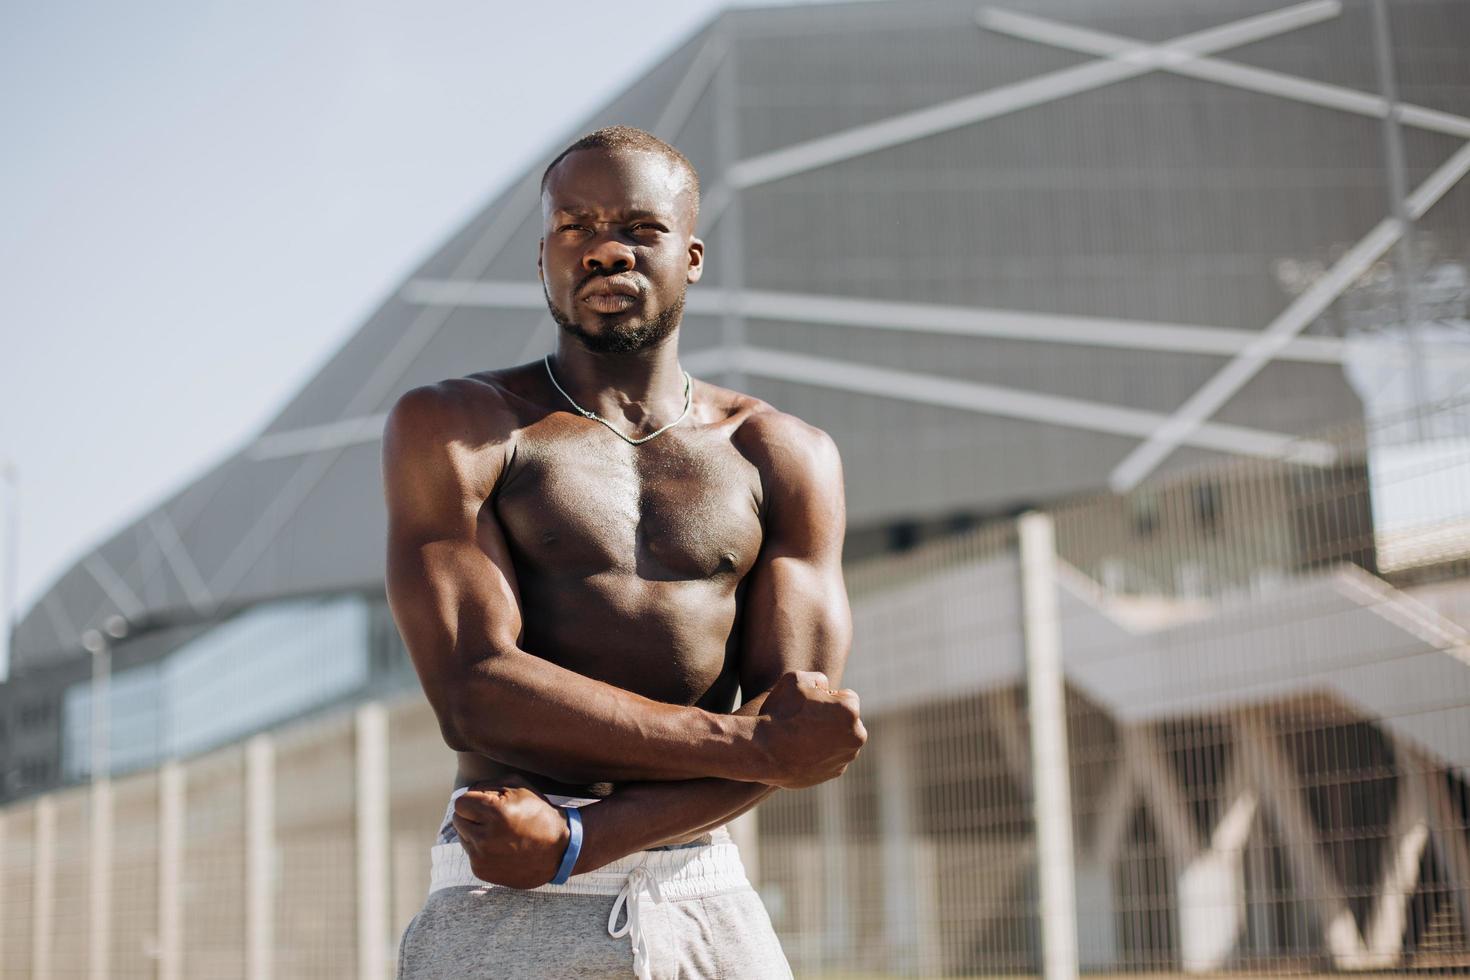 Mann mit Muskeln posiert nach dem Training foto